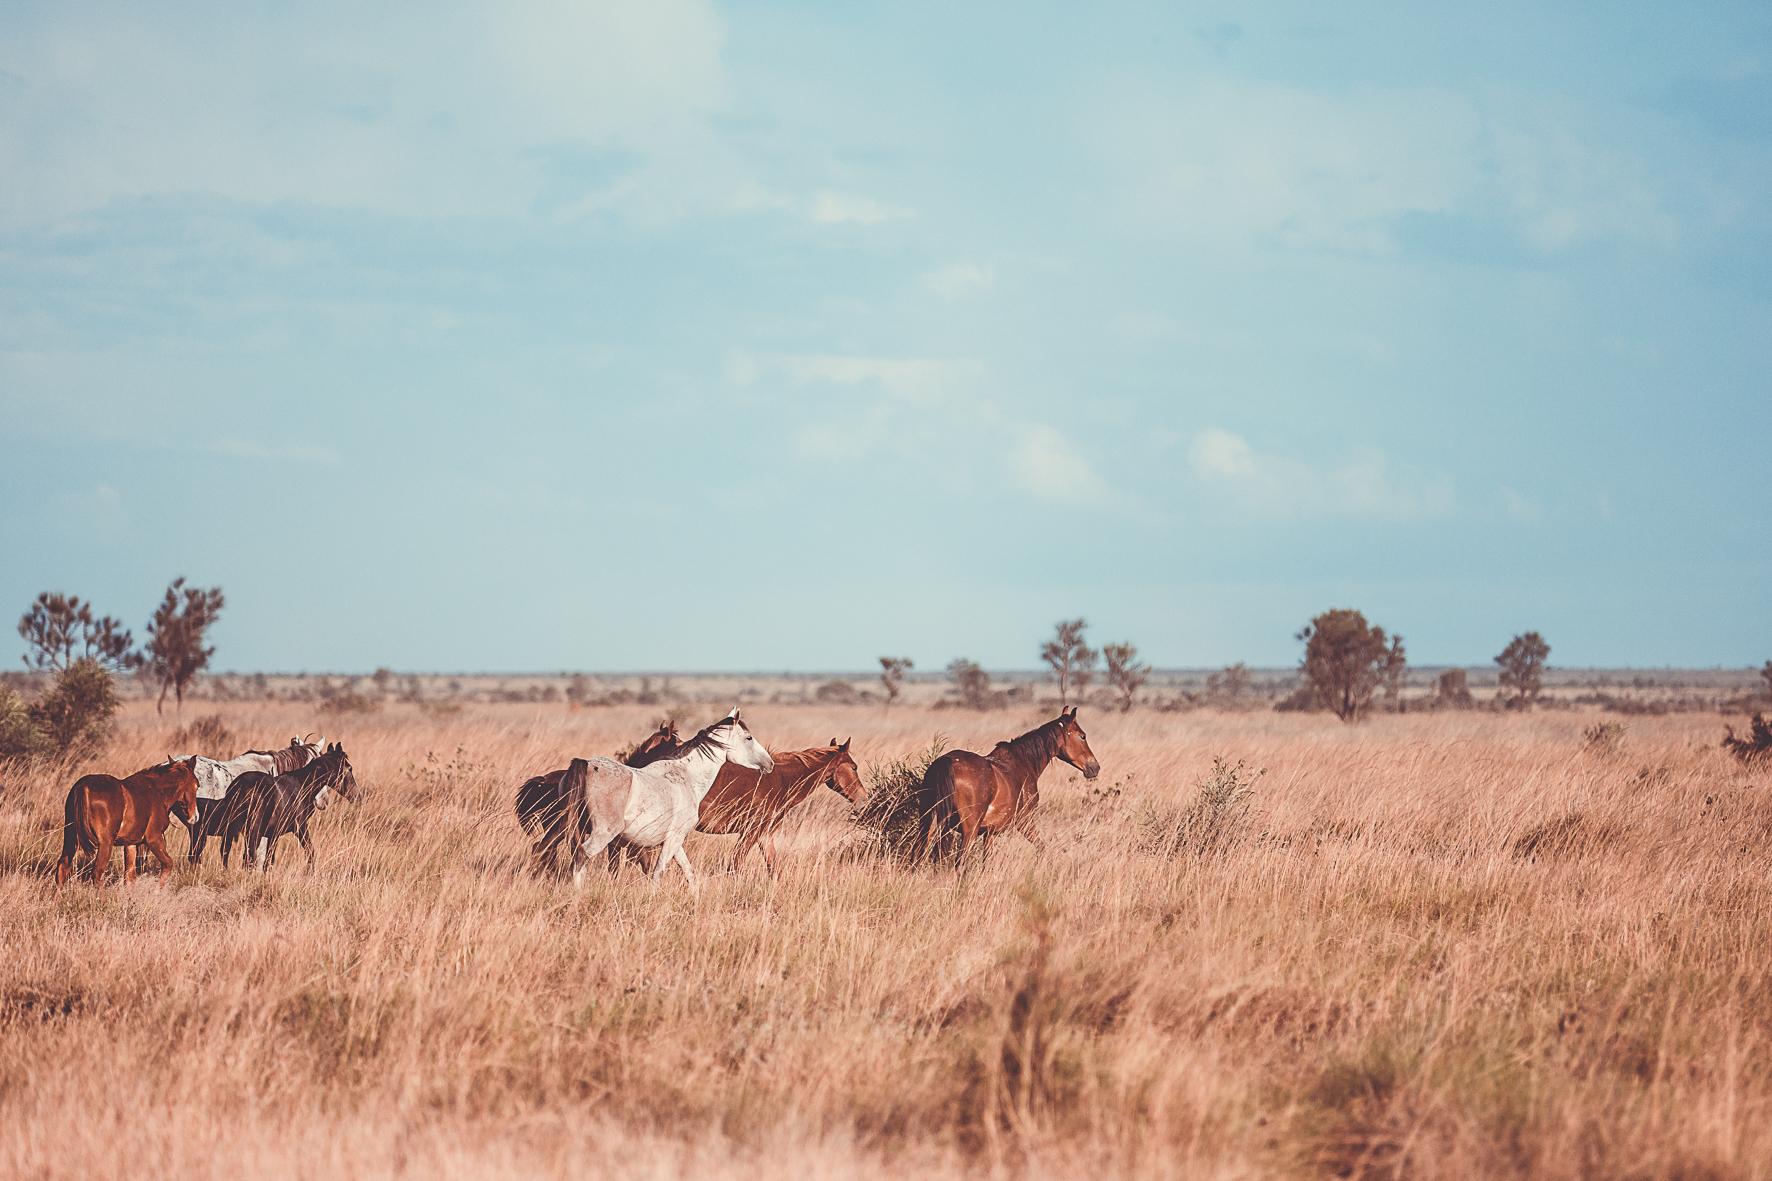 Desert brumbies - Beautiful beasts or feral pests    Tanami Desert, Warlpiri country, NT,2016